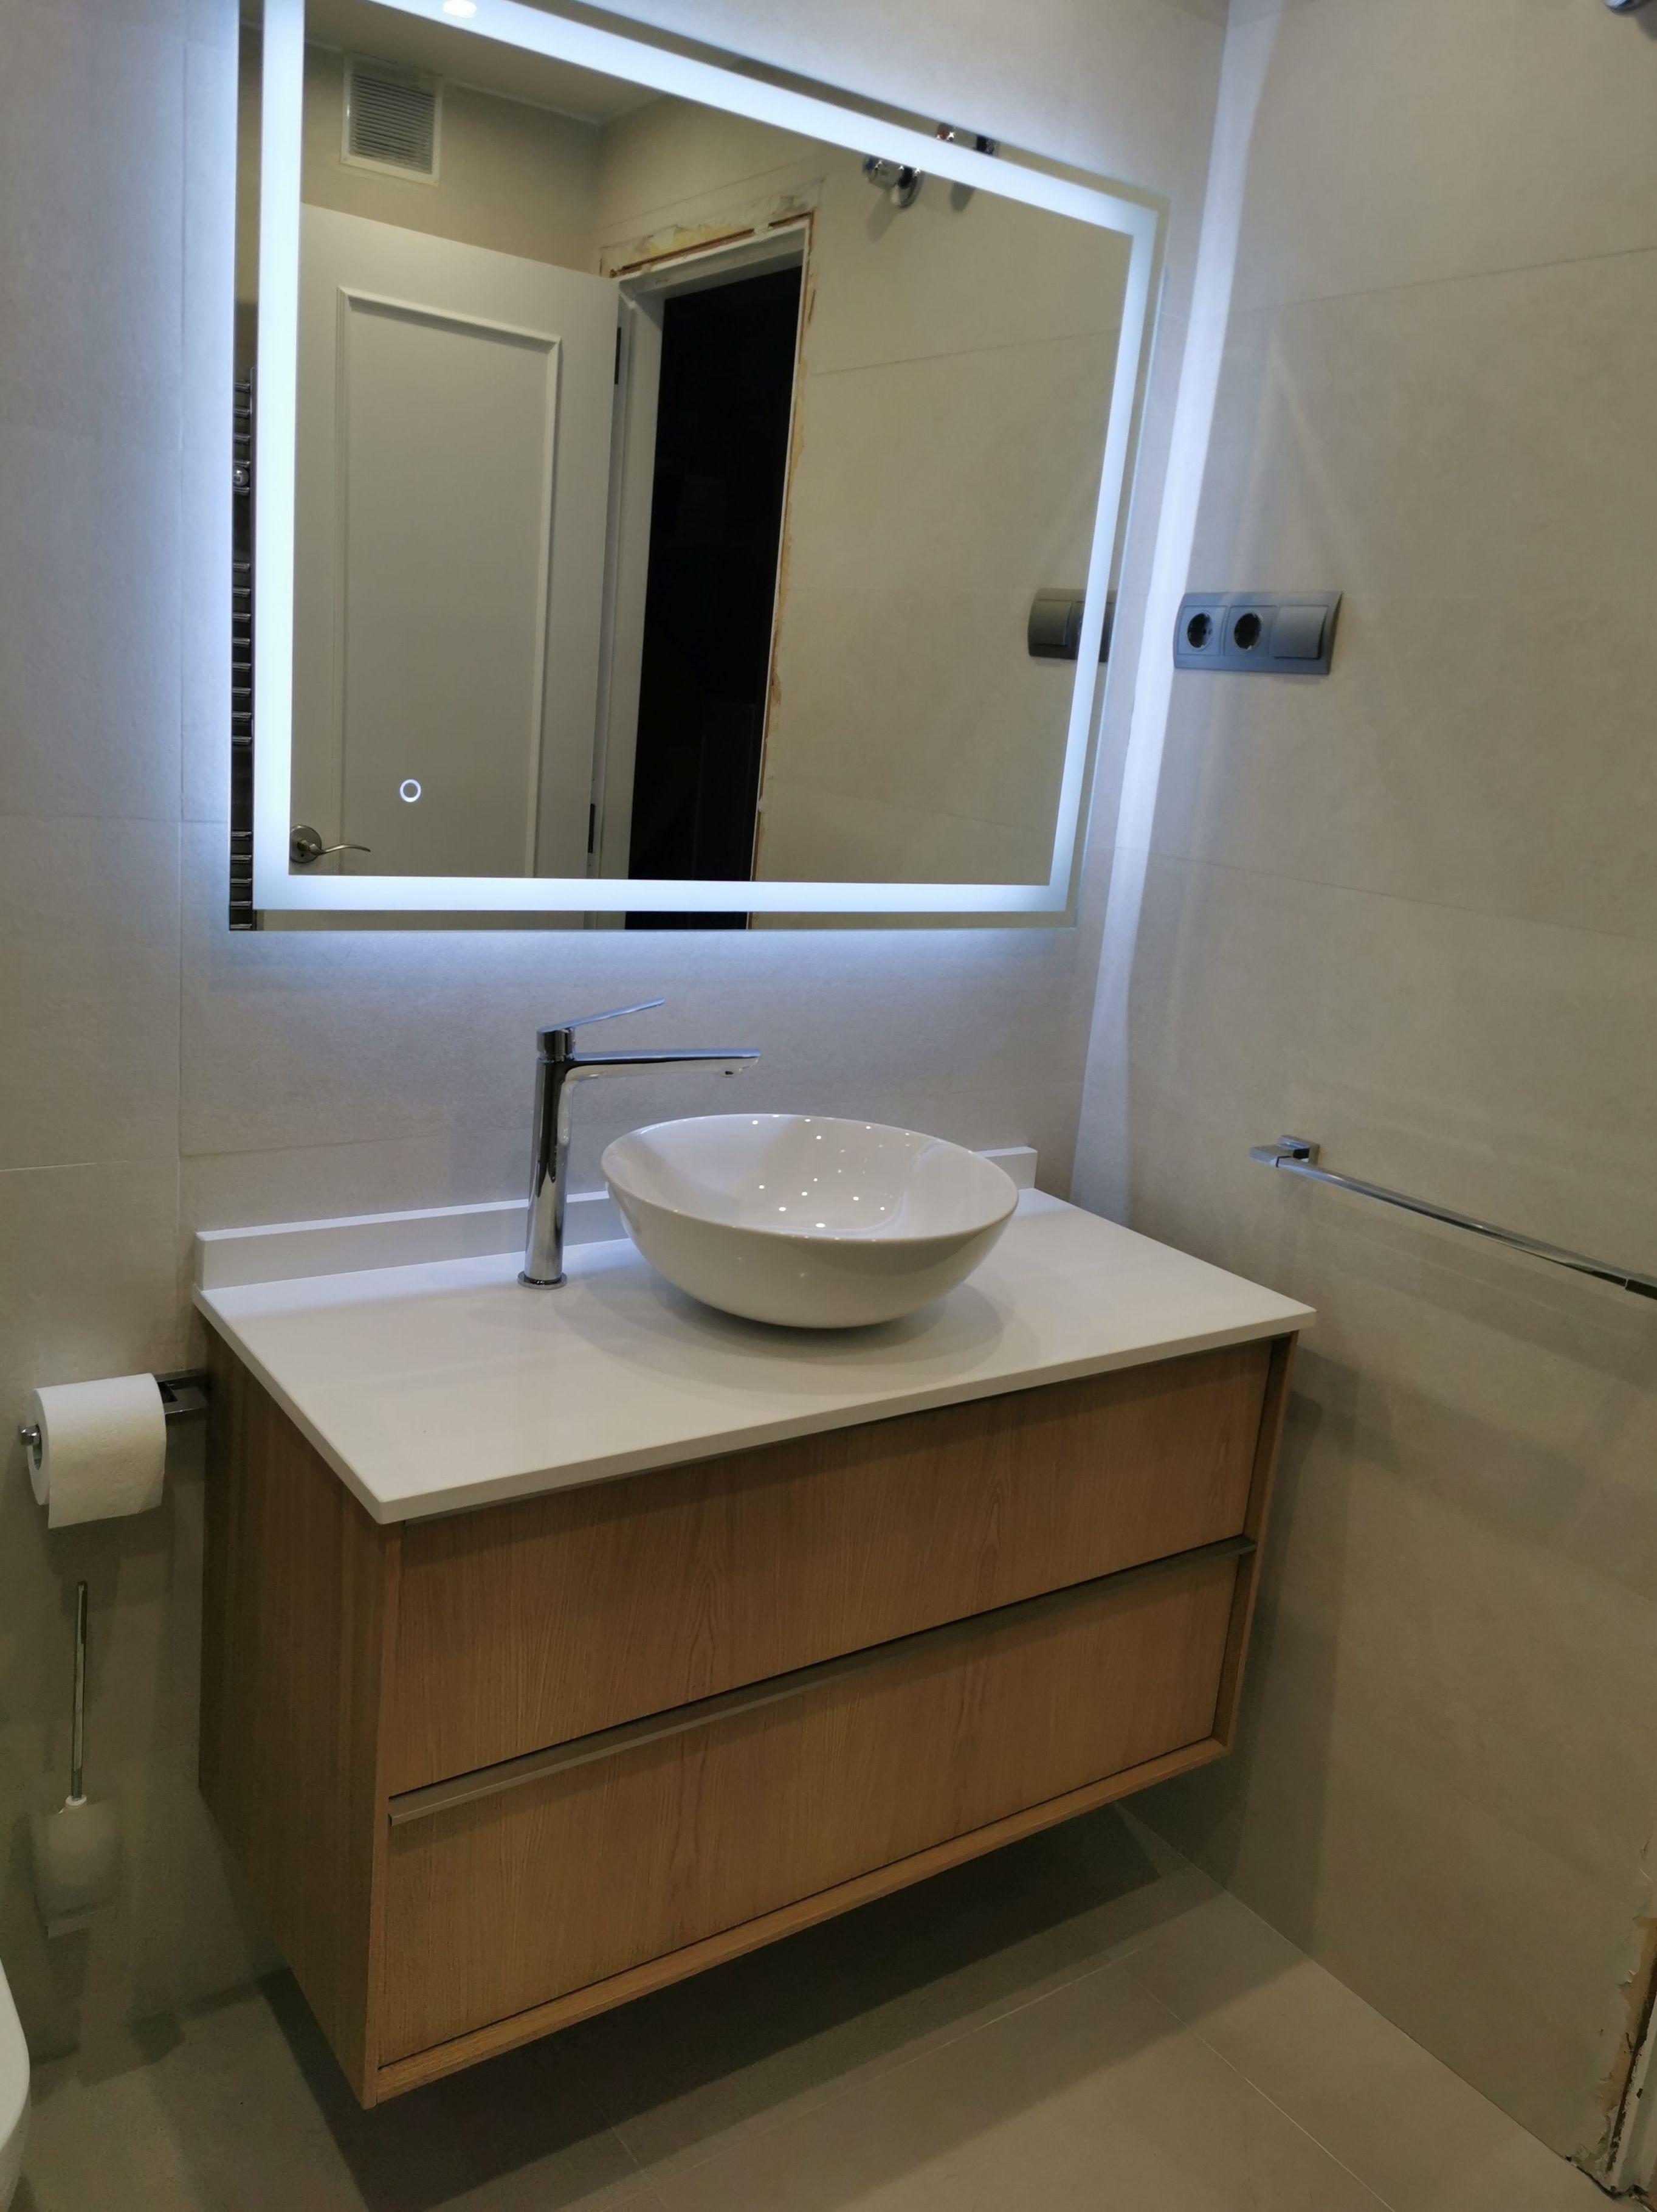 Foto 2 de Reformas en baños y cocinas en Trobajo del Camino | F. Alba, cocinas y baños